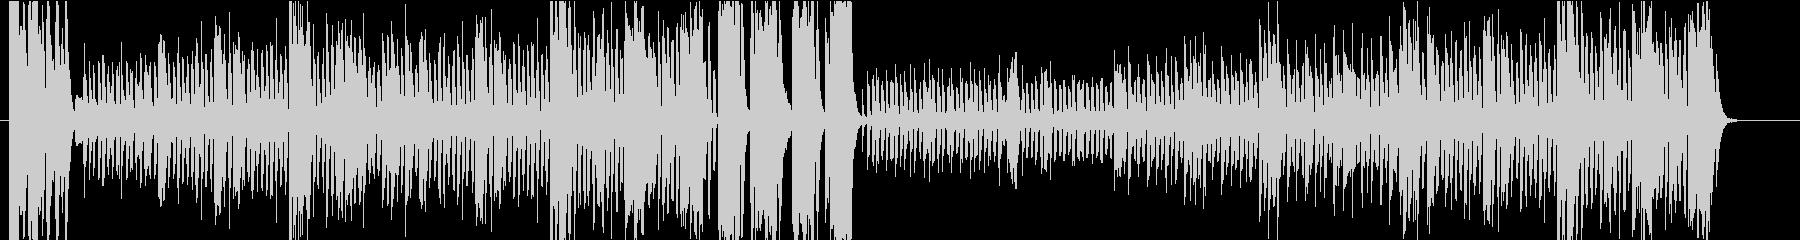 鼓笛隊のマーチの未再生の波形